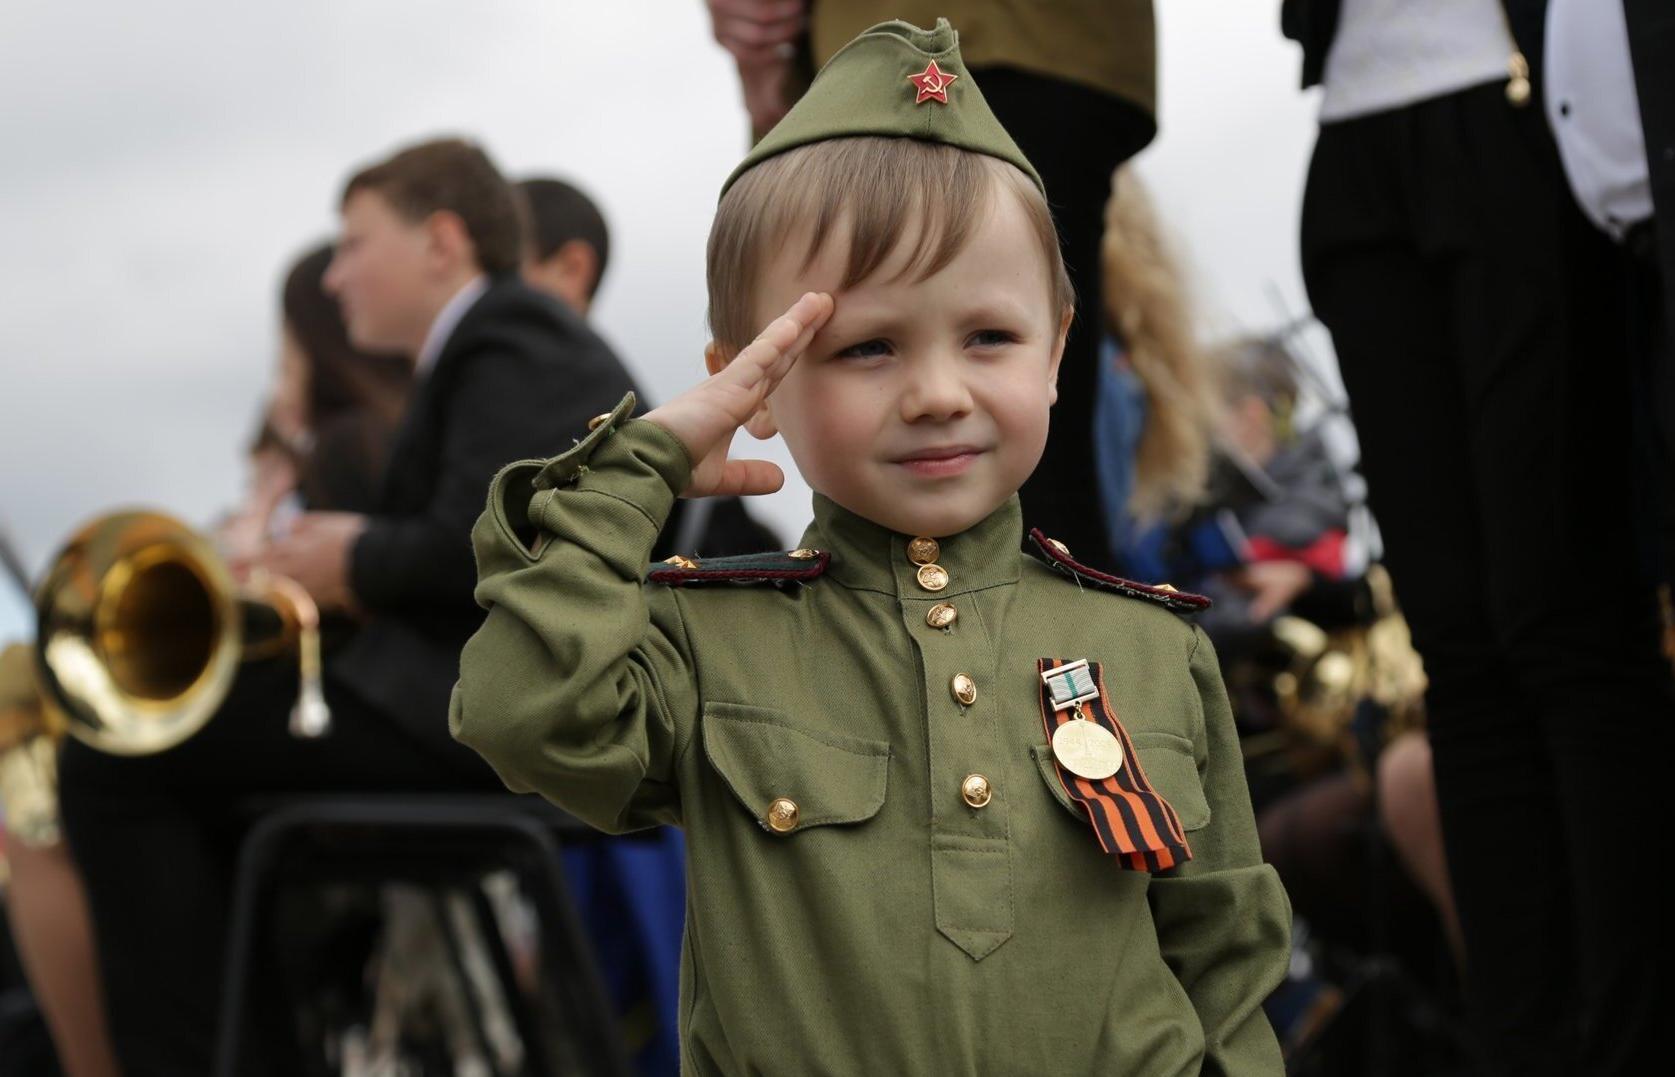 В Тверской области на 9 Мая пройдет малышковый парад - новости Афанасий